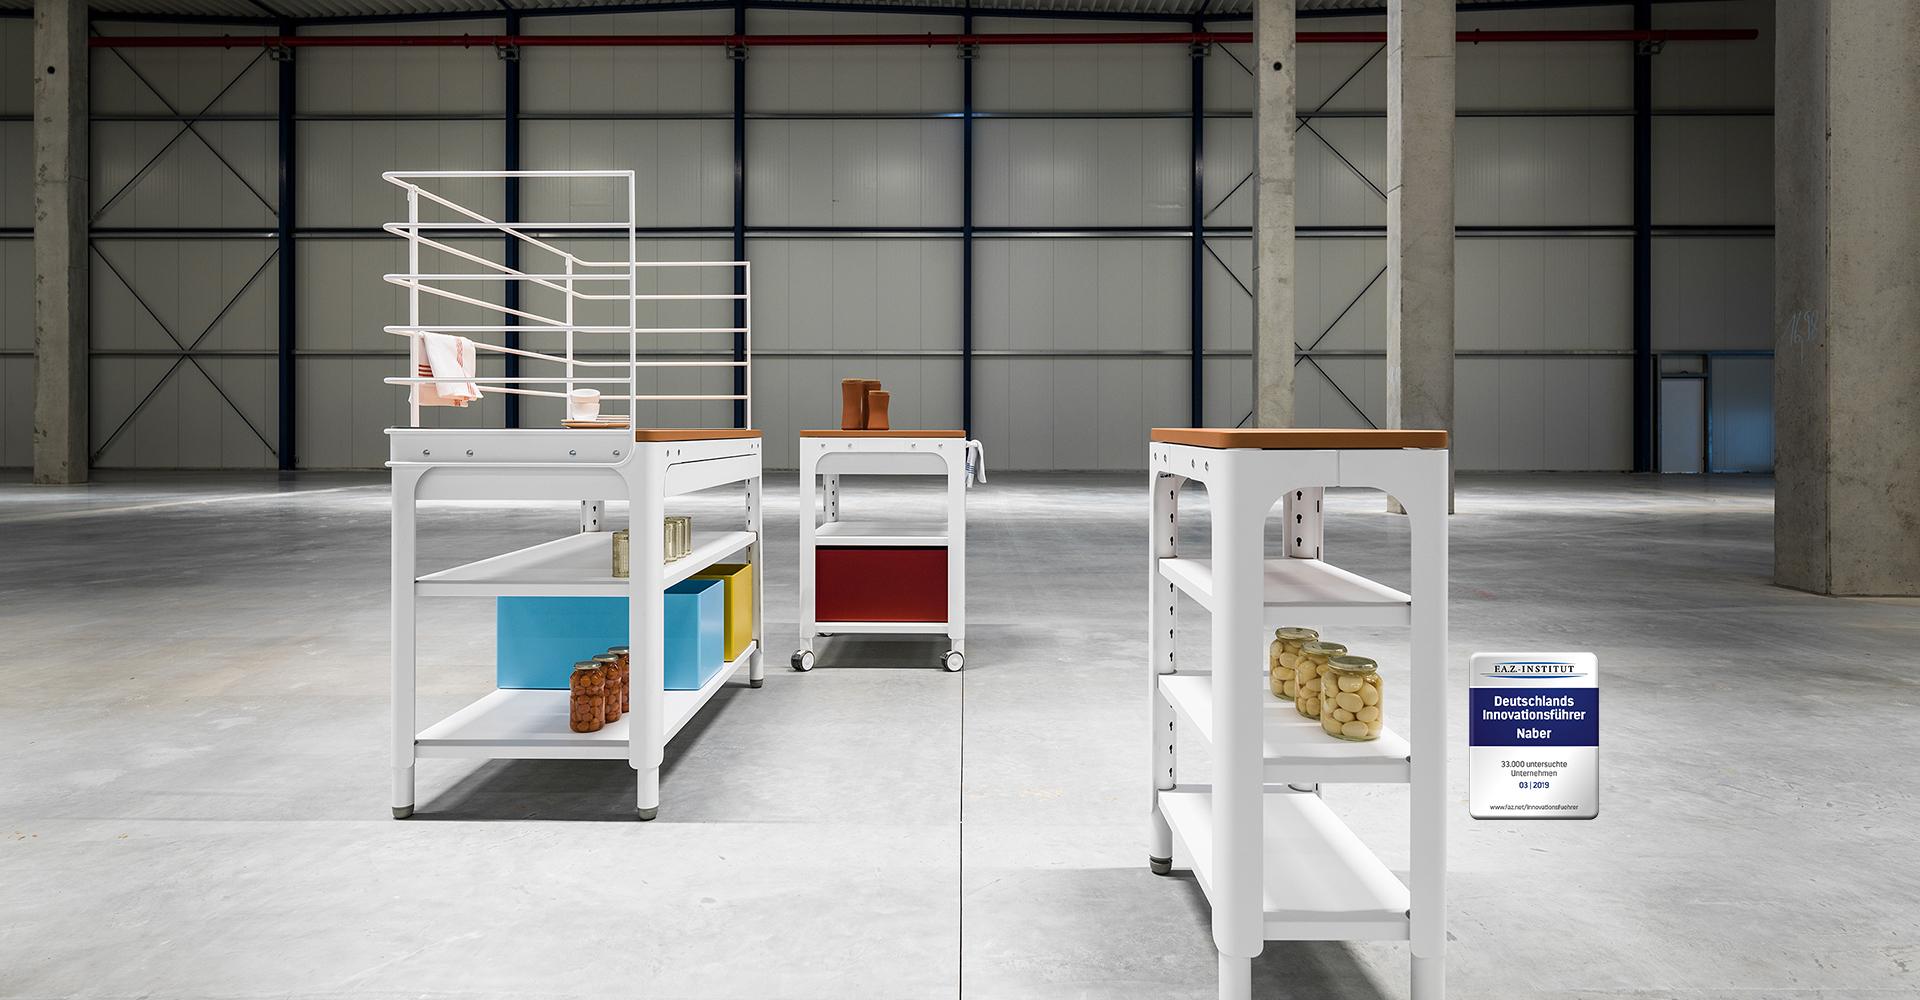 Full Size of Naber Kchenzubehr Nolte Betten Schlafzimmer Küche Wohnzimmer Nolte Blendenbefestigung